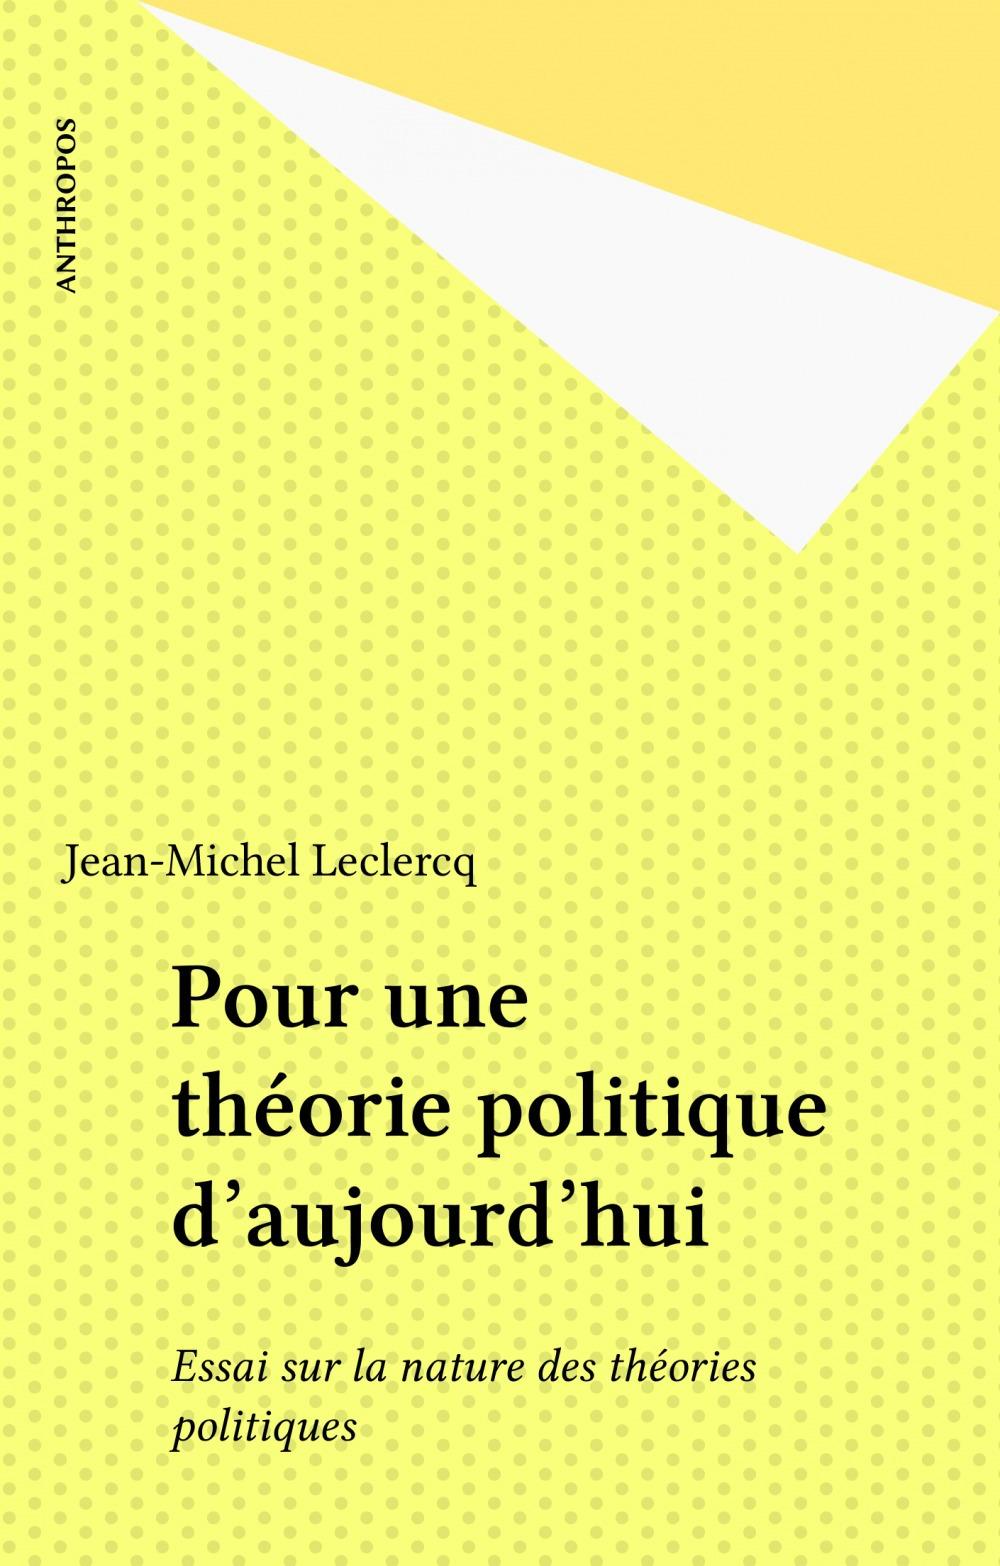 Pour une theorie politique